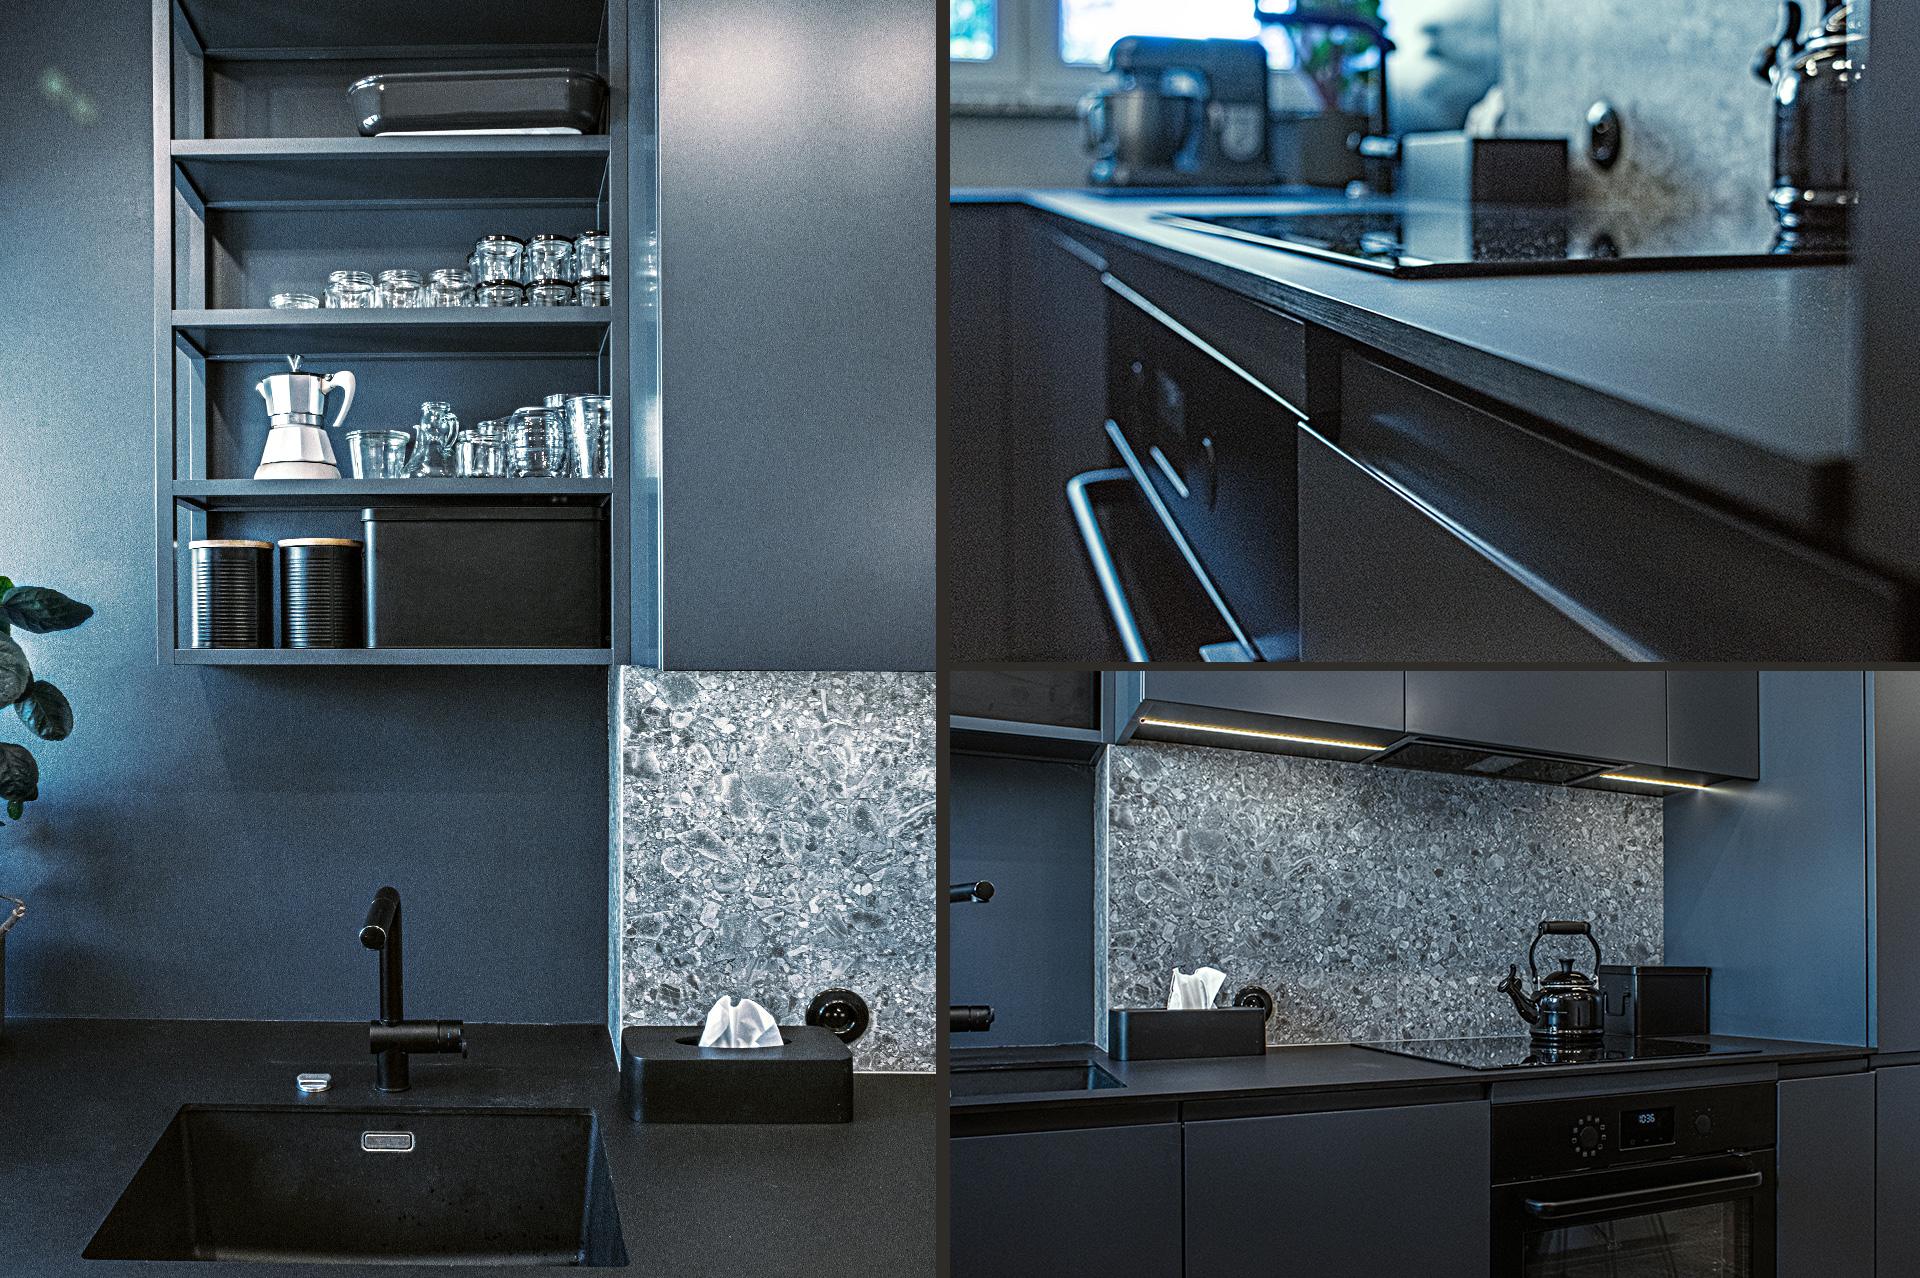 Kuchnię wyposażono w •wytrzymałe cienkie blaty kompaktowe, •dobrze oświetloną przestrzeń roboczą oraz •stosowną ilośćmiejsc przechowywania.